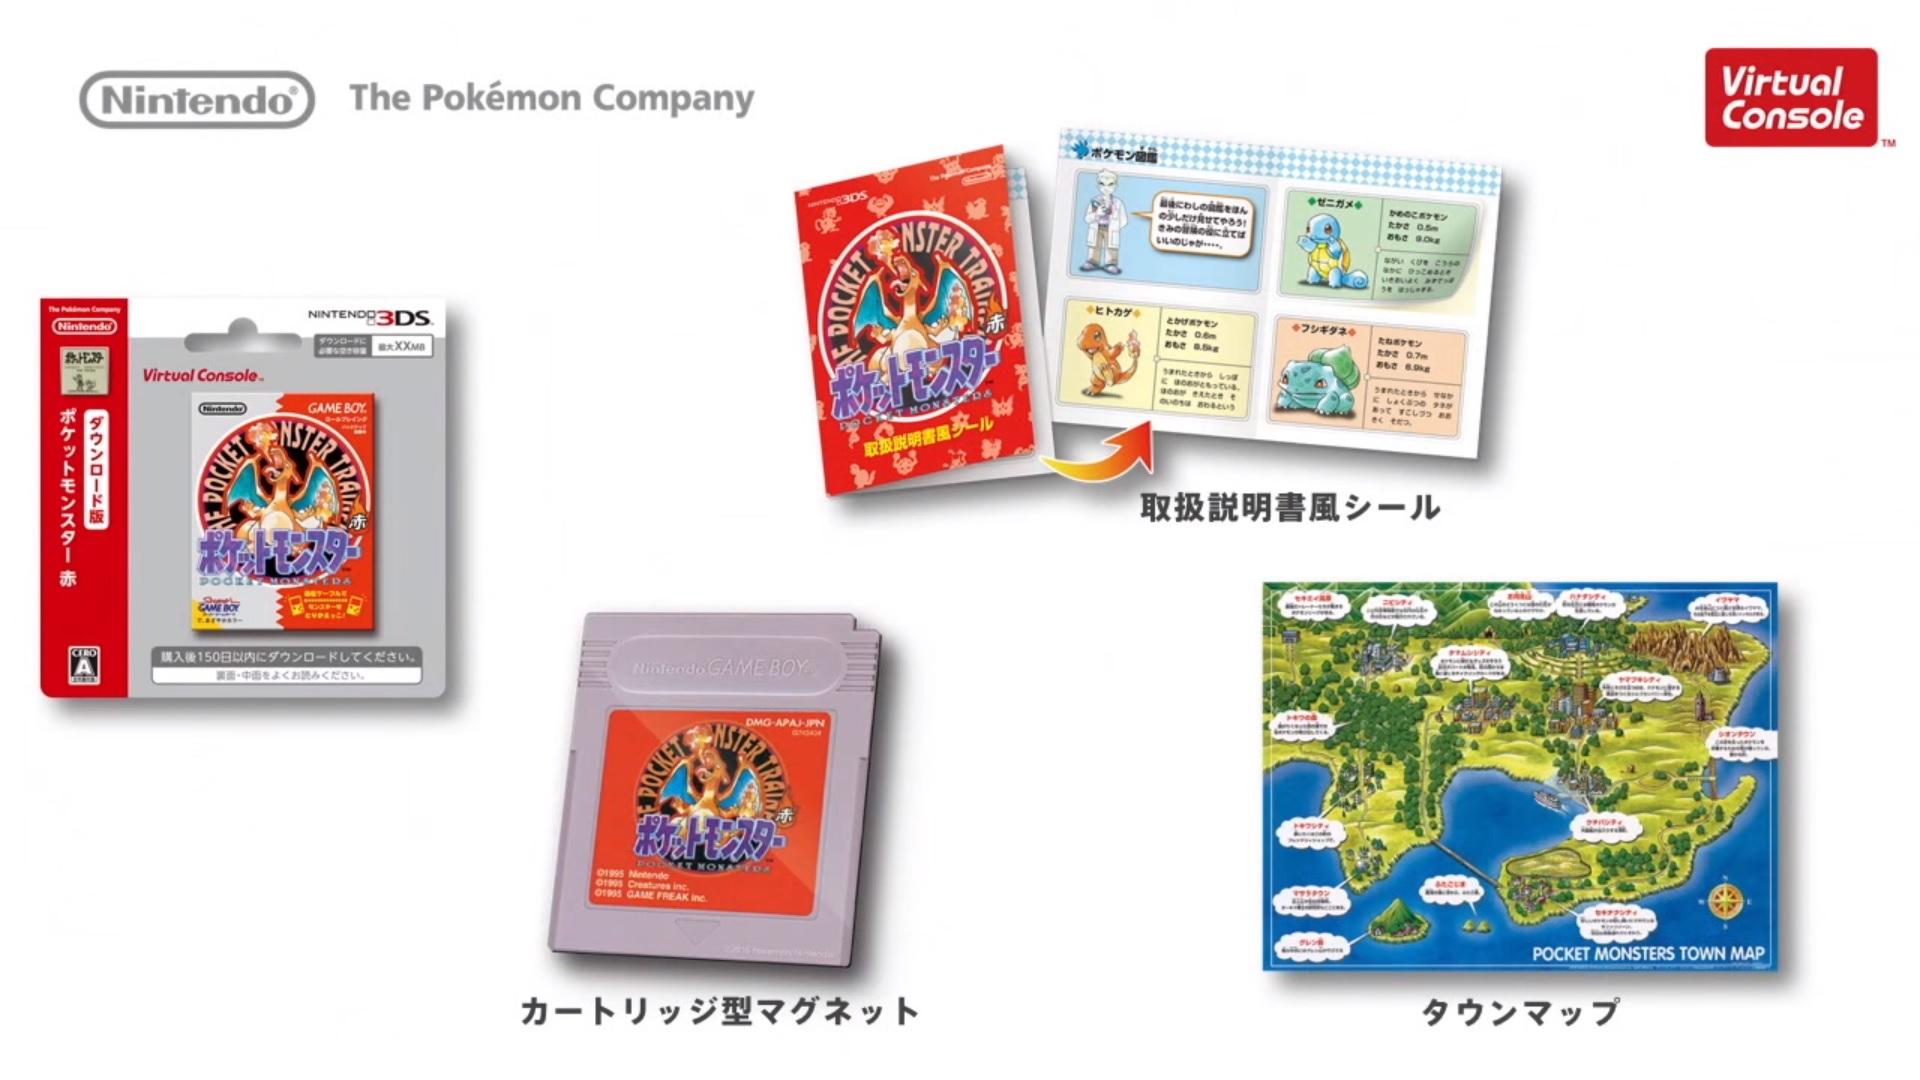 Pokémon VC Retail Package Contents